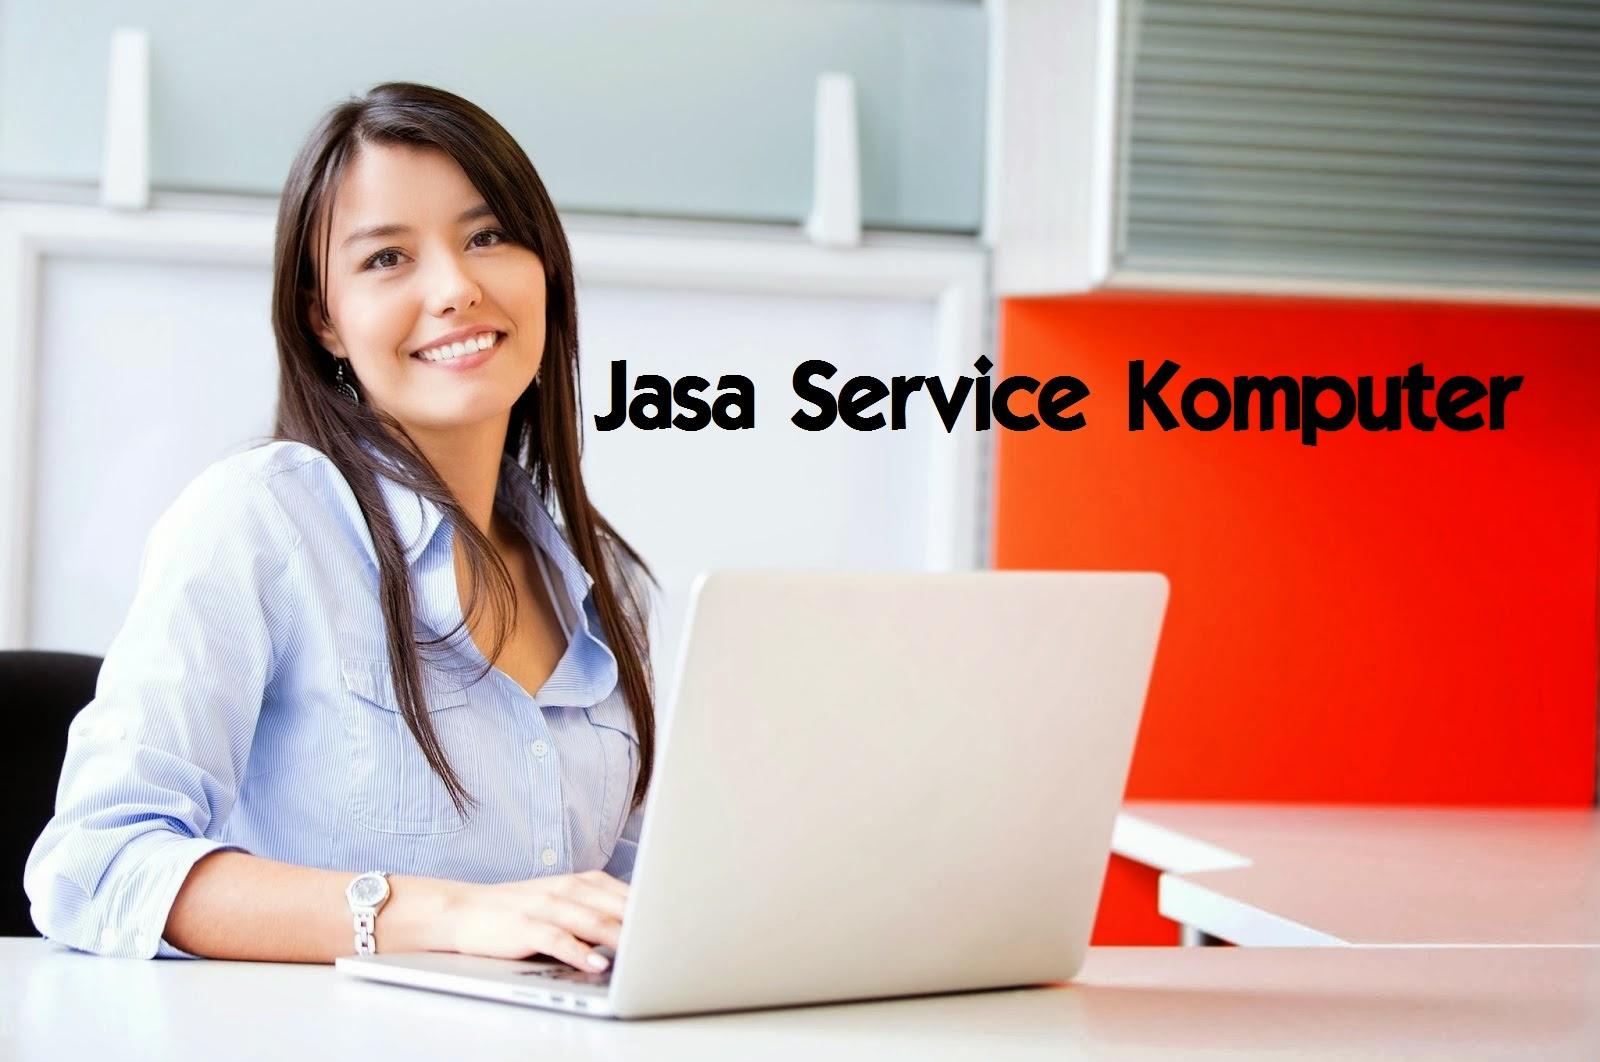 Peluang Usaha Jasa Service Komputer Di Kost  Peluang Usaha Jasa Service Komputer Di Kost